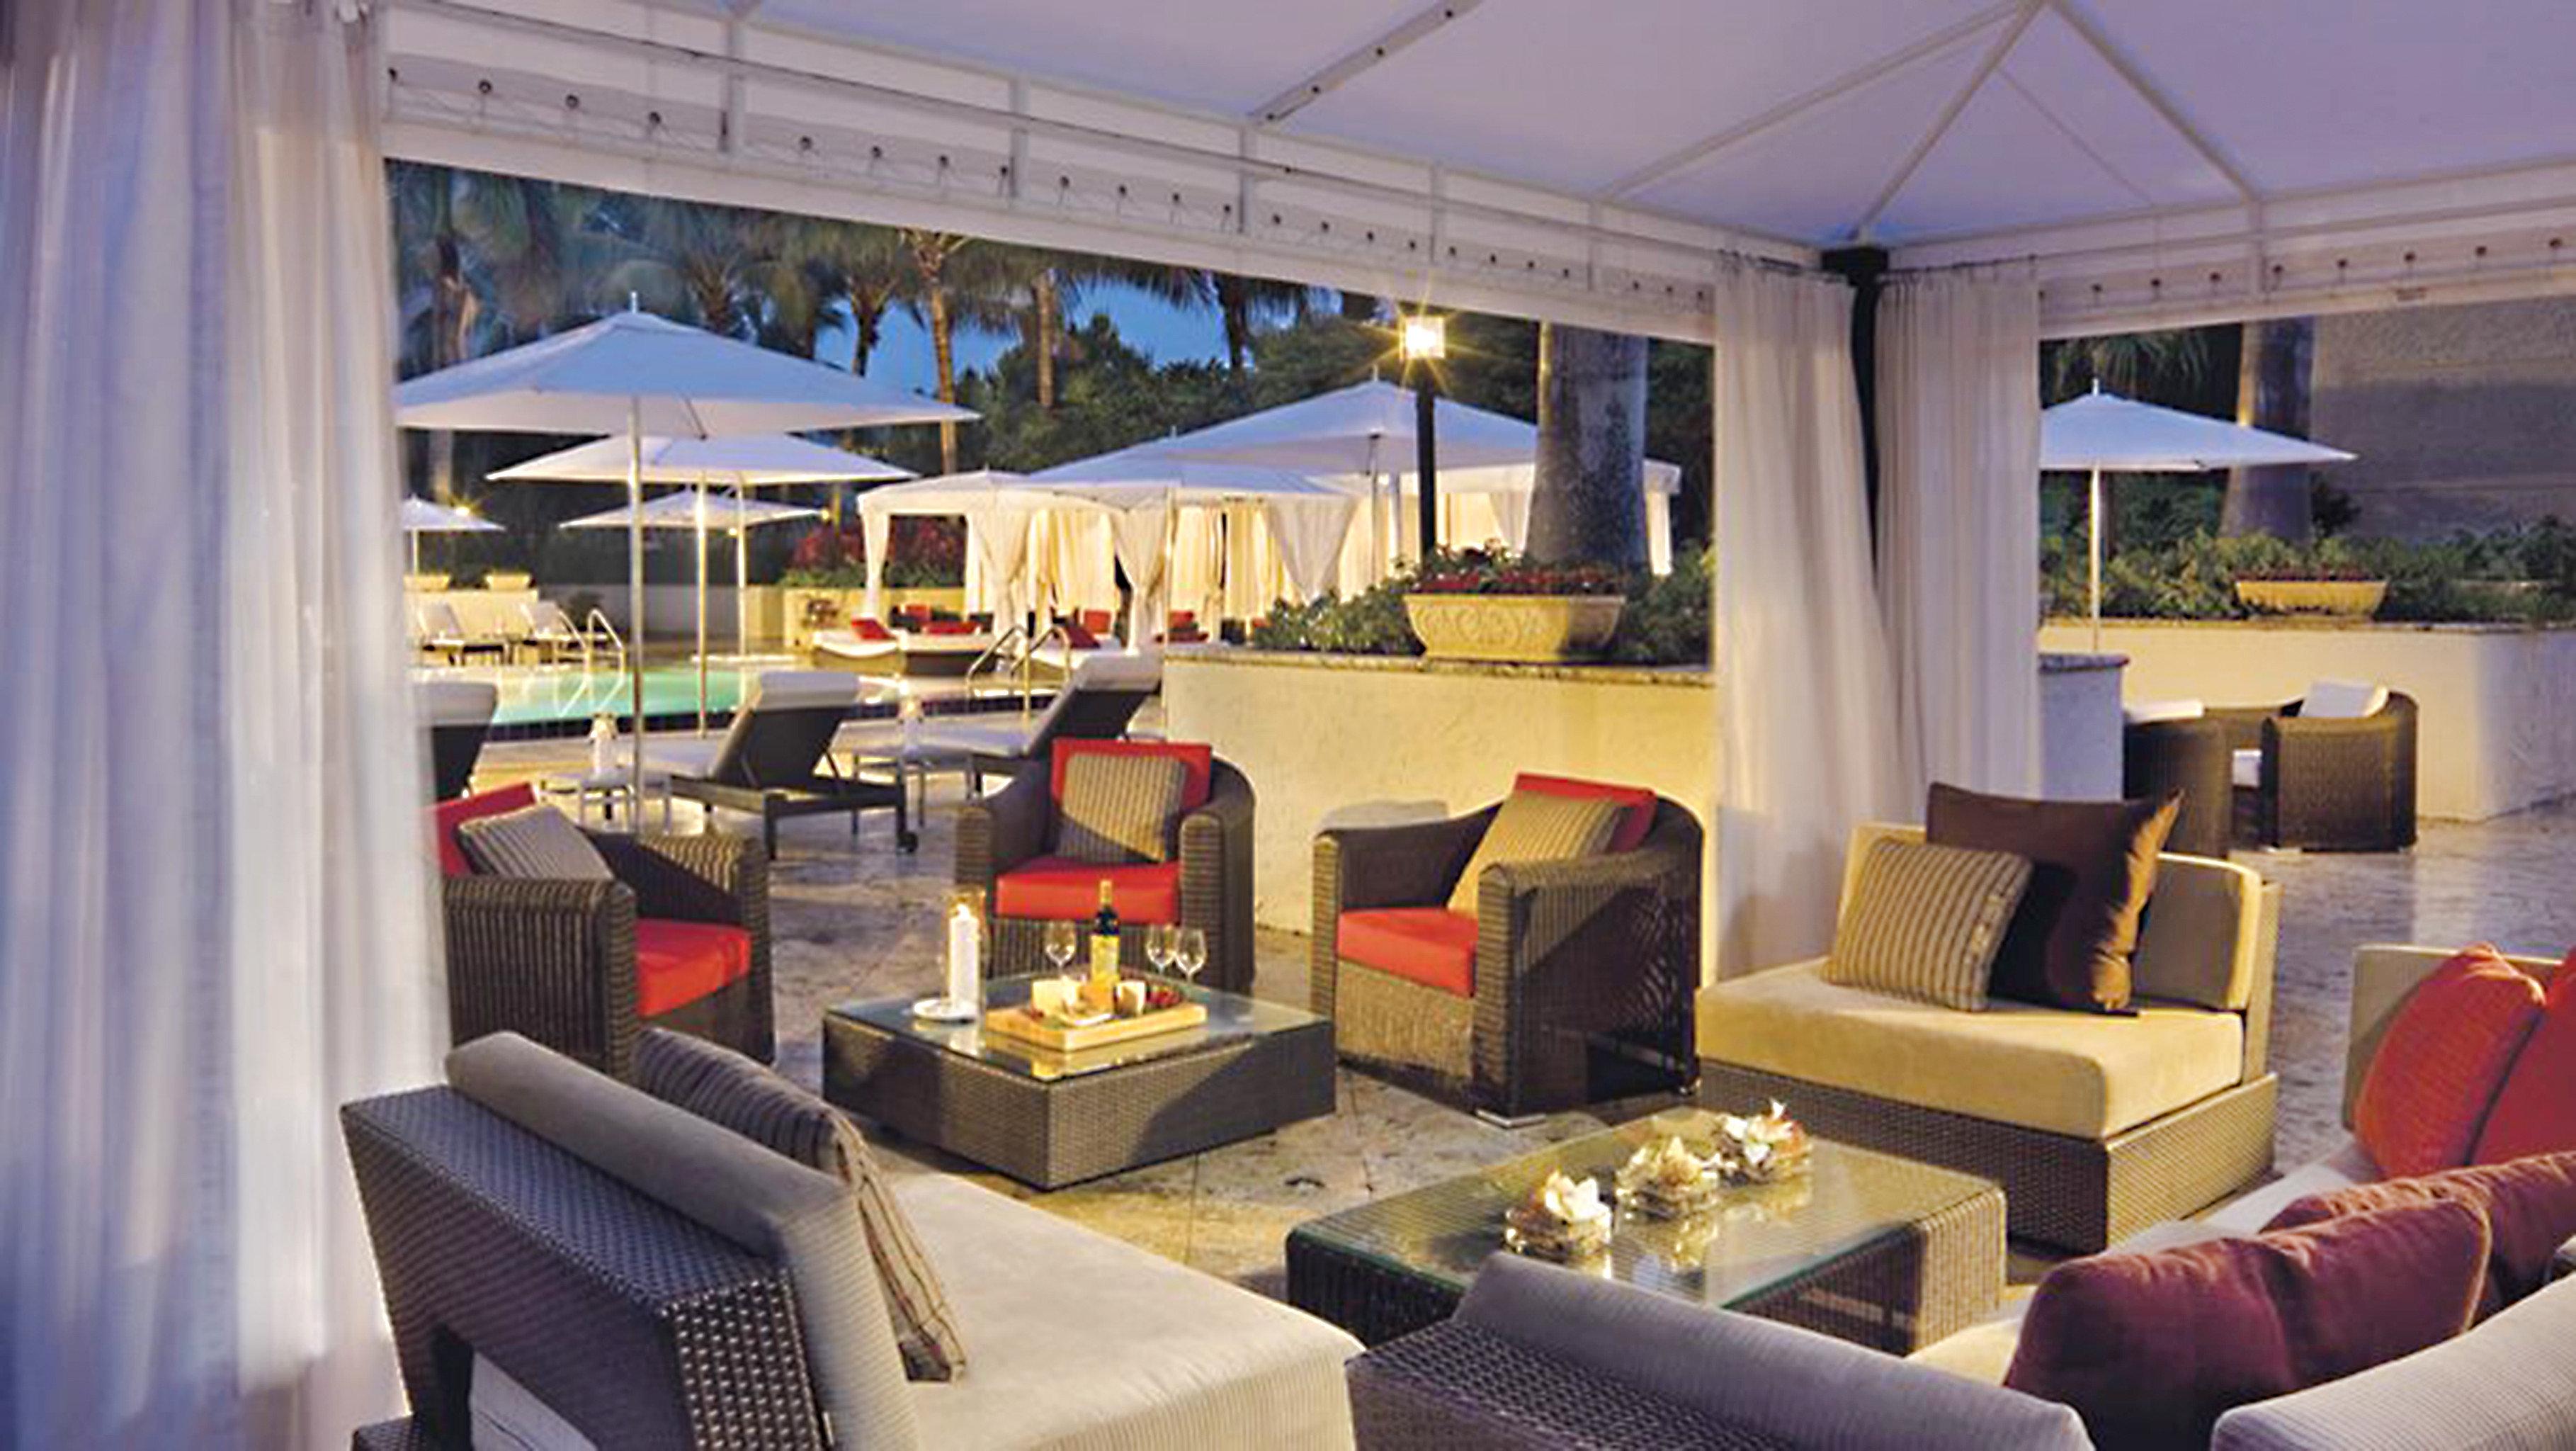 sofa restaurant home living room Resort Lobby